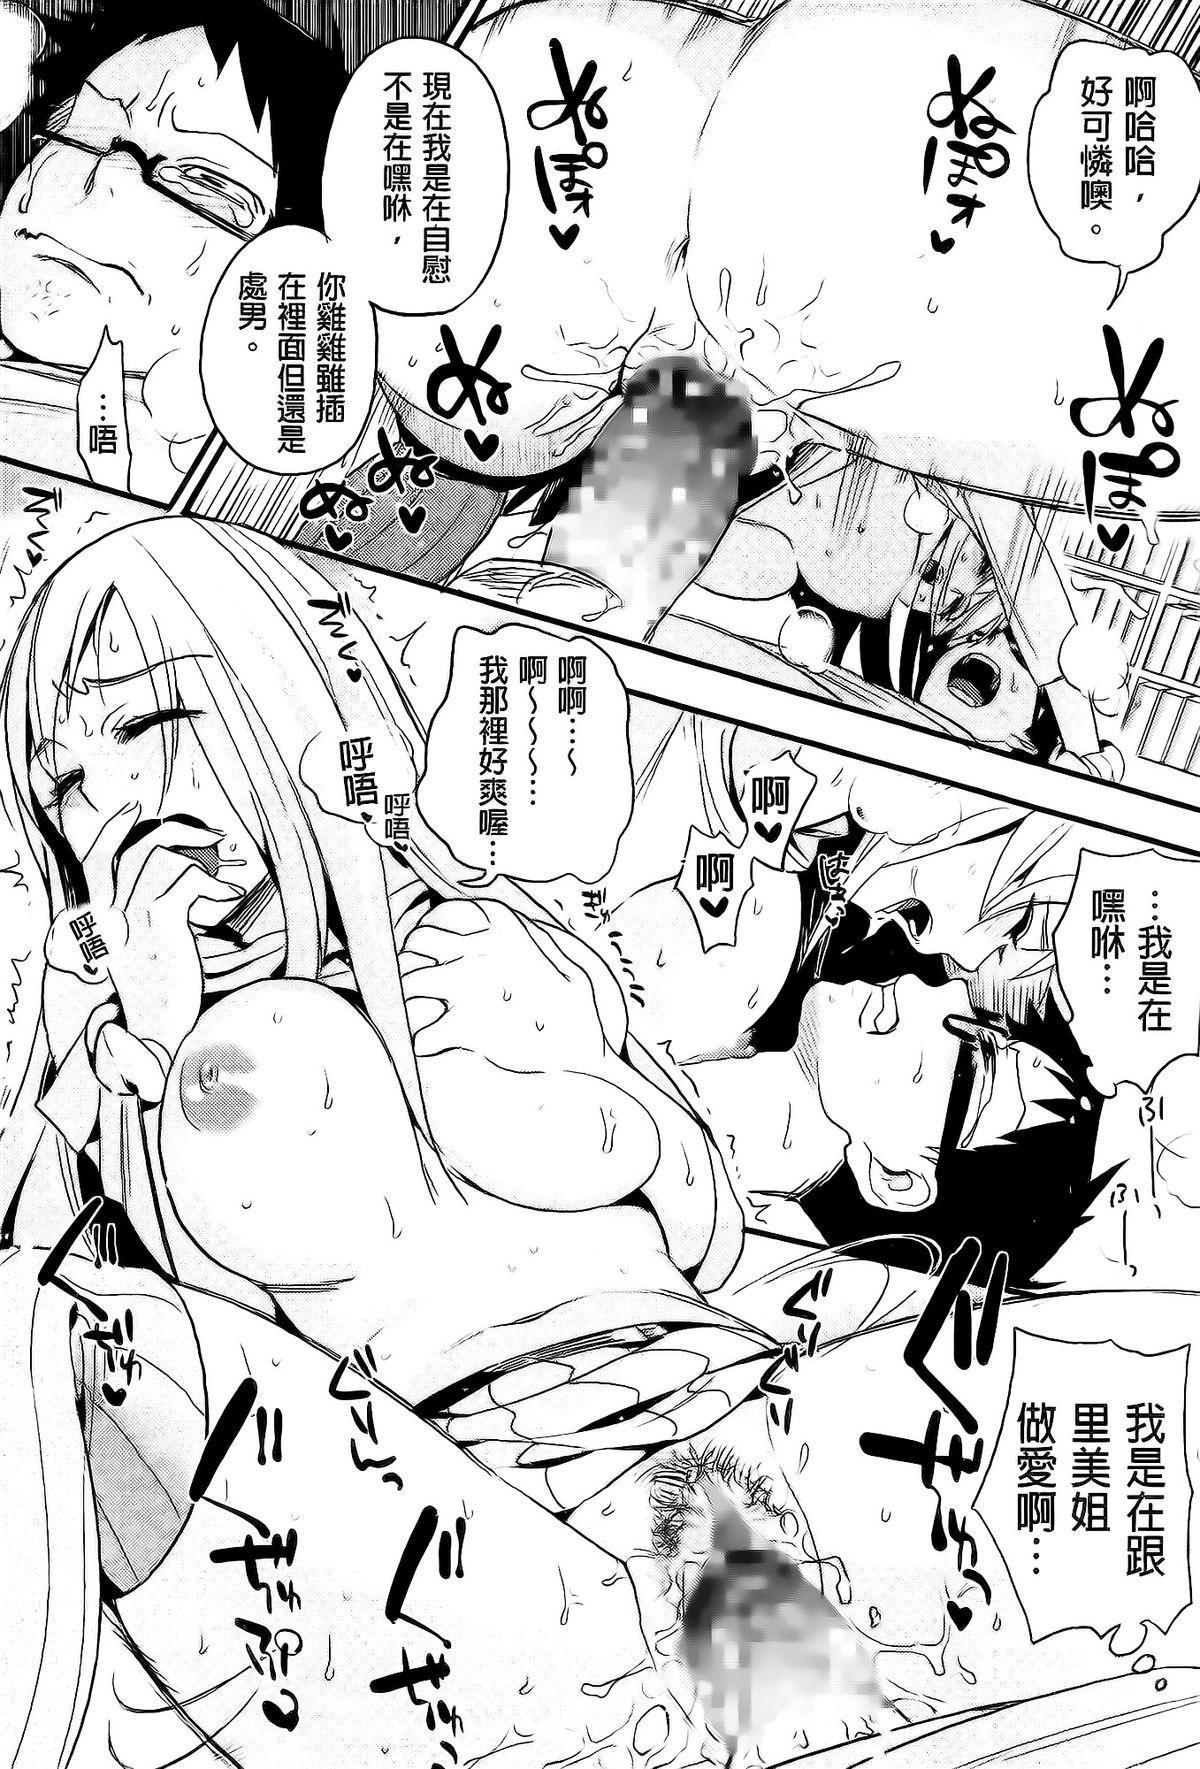 Boku Dake no Yuuyami 148